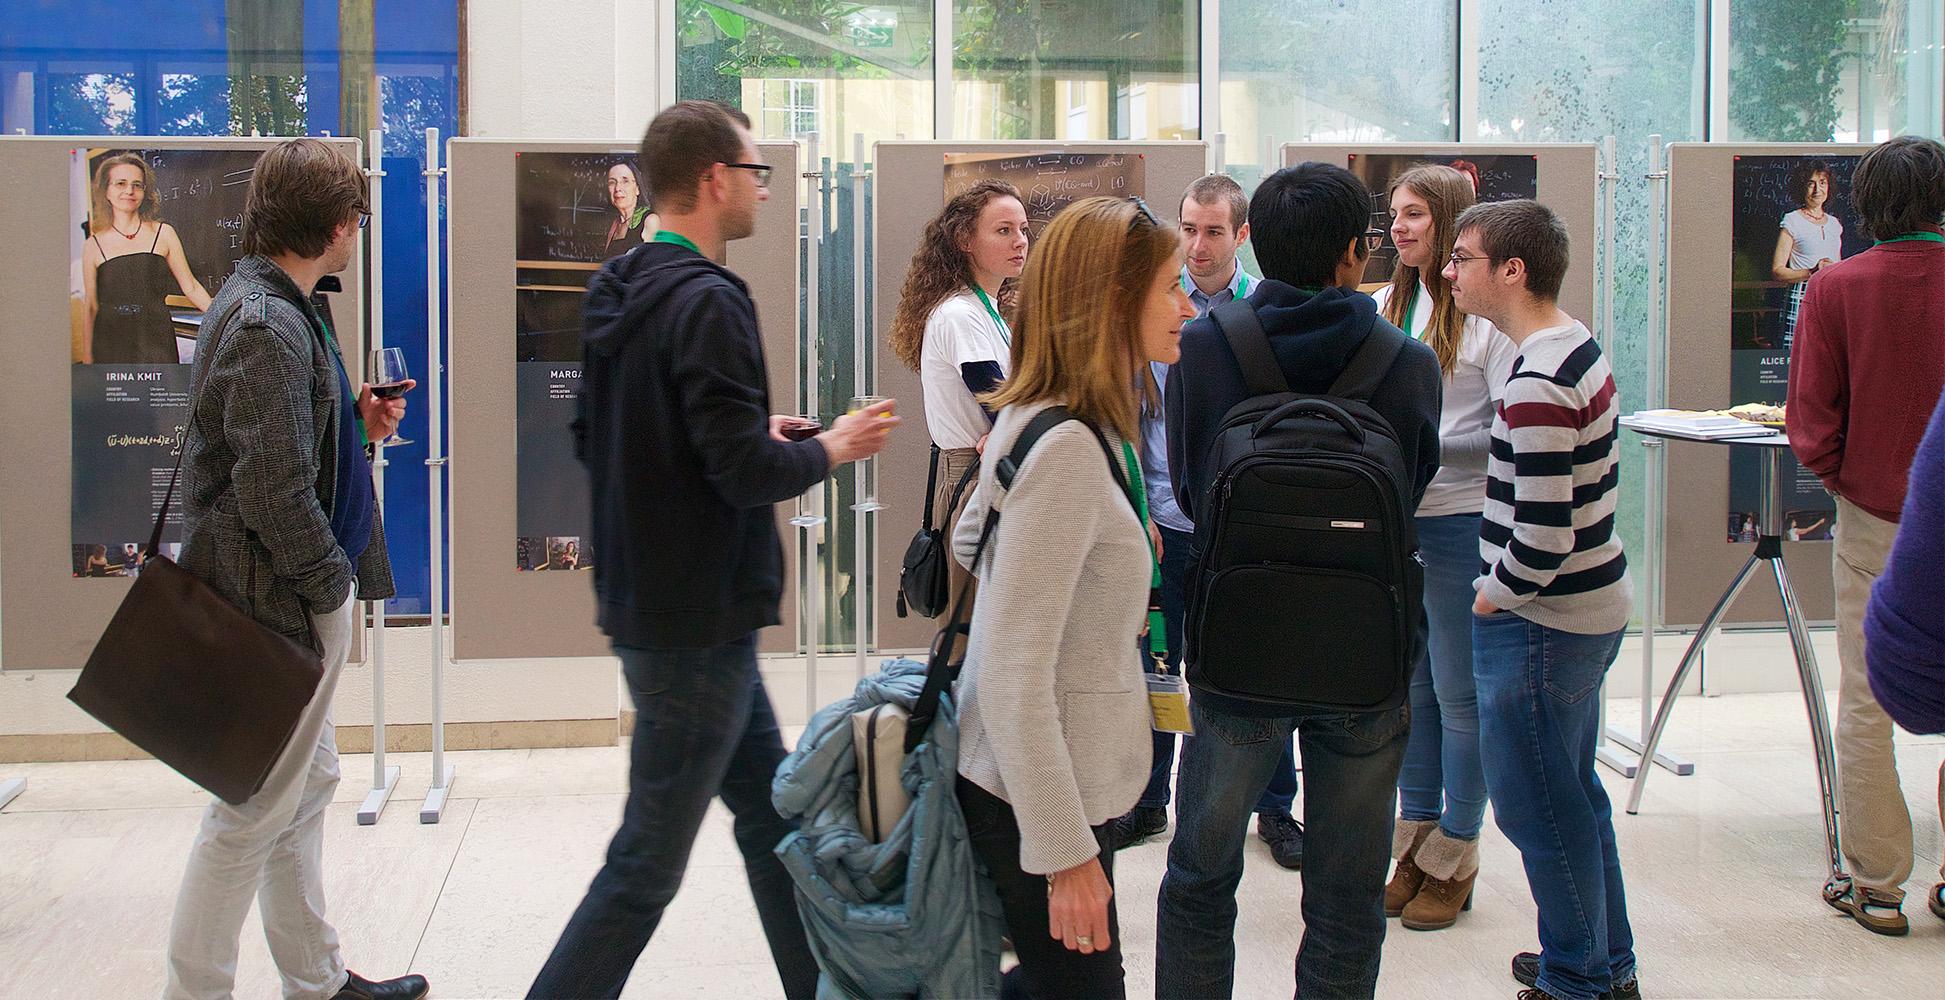 Teilnehmer/innen des ÖMG-DMV-Kongresses besichtigen die Ausstellung